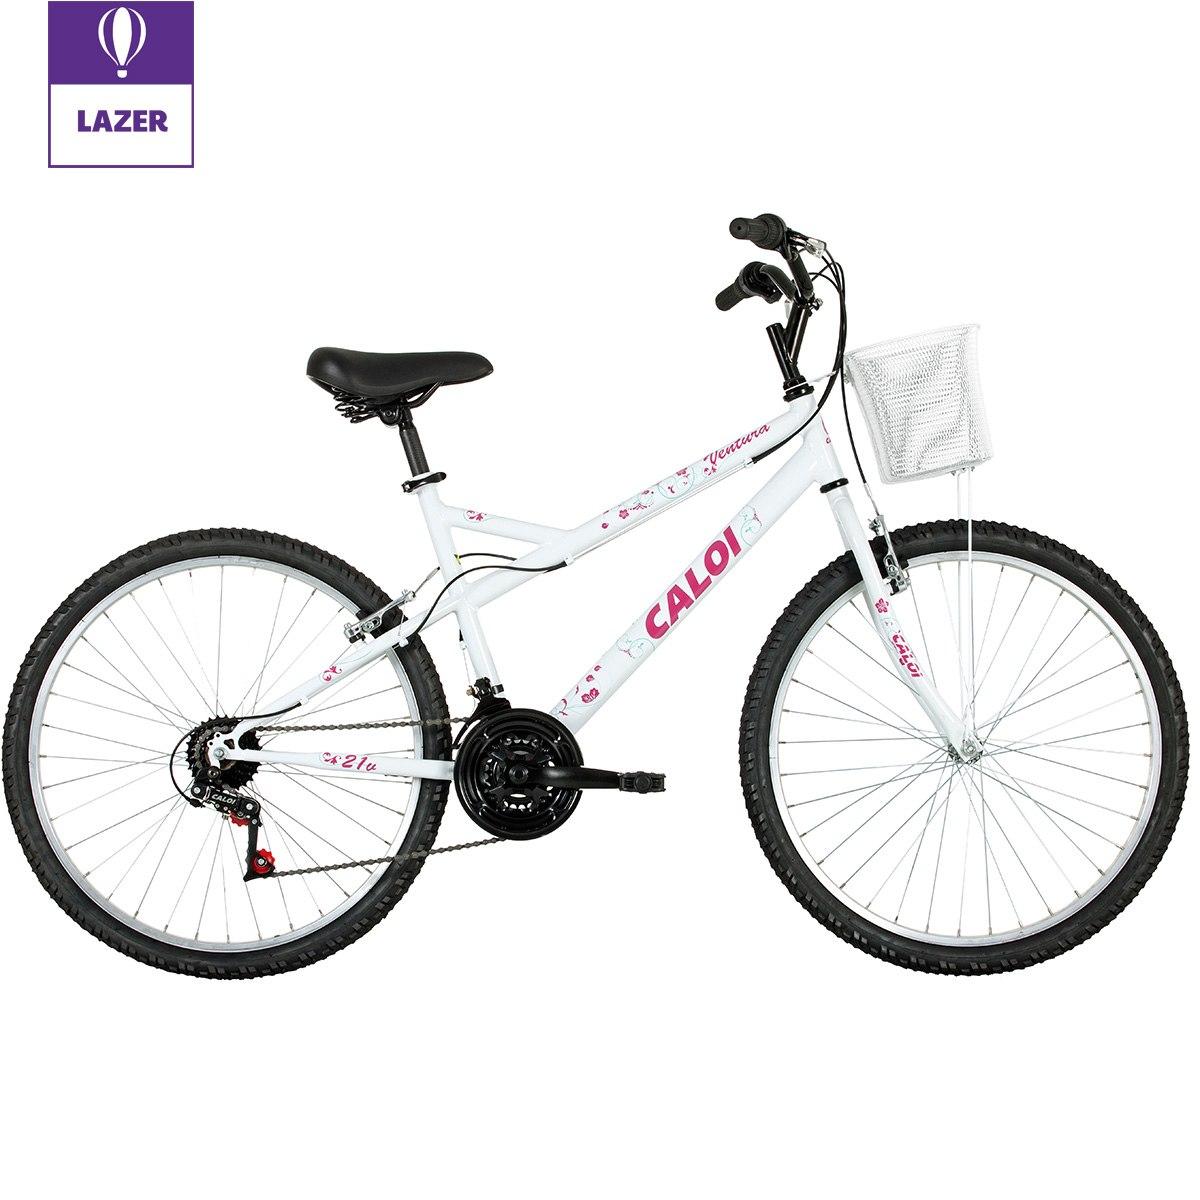 bicicleta - Bicicleta Caloi Ventura - R$ 599,90